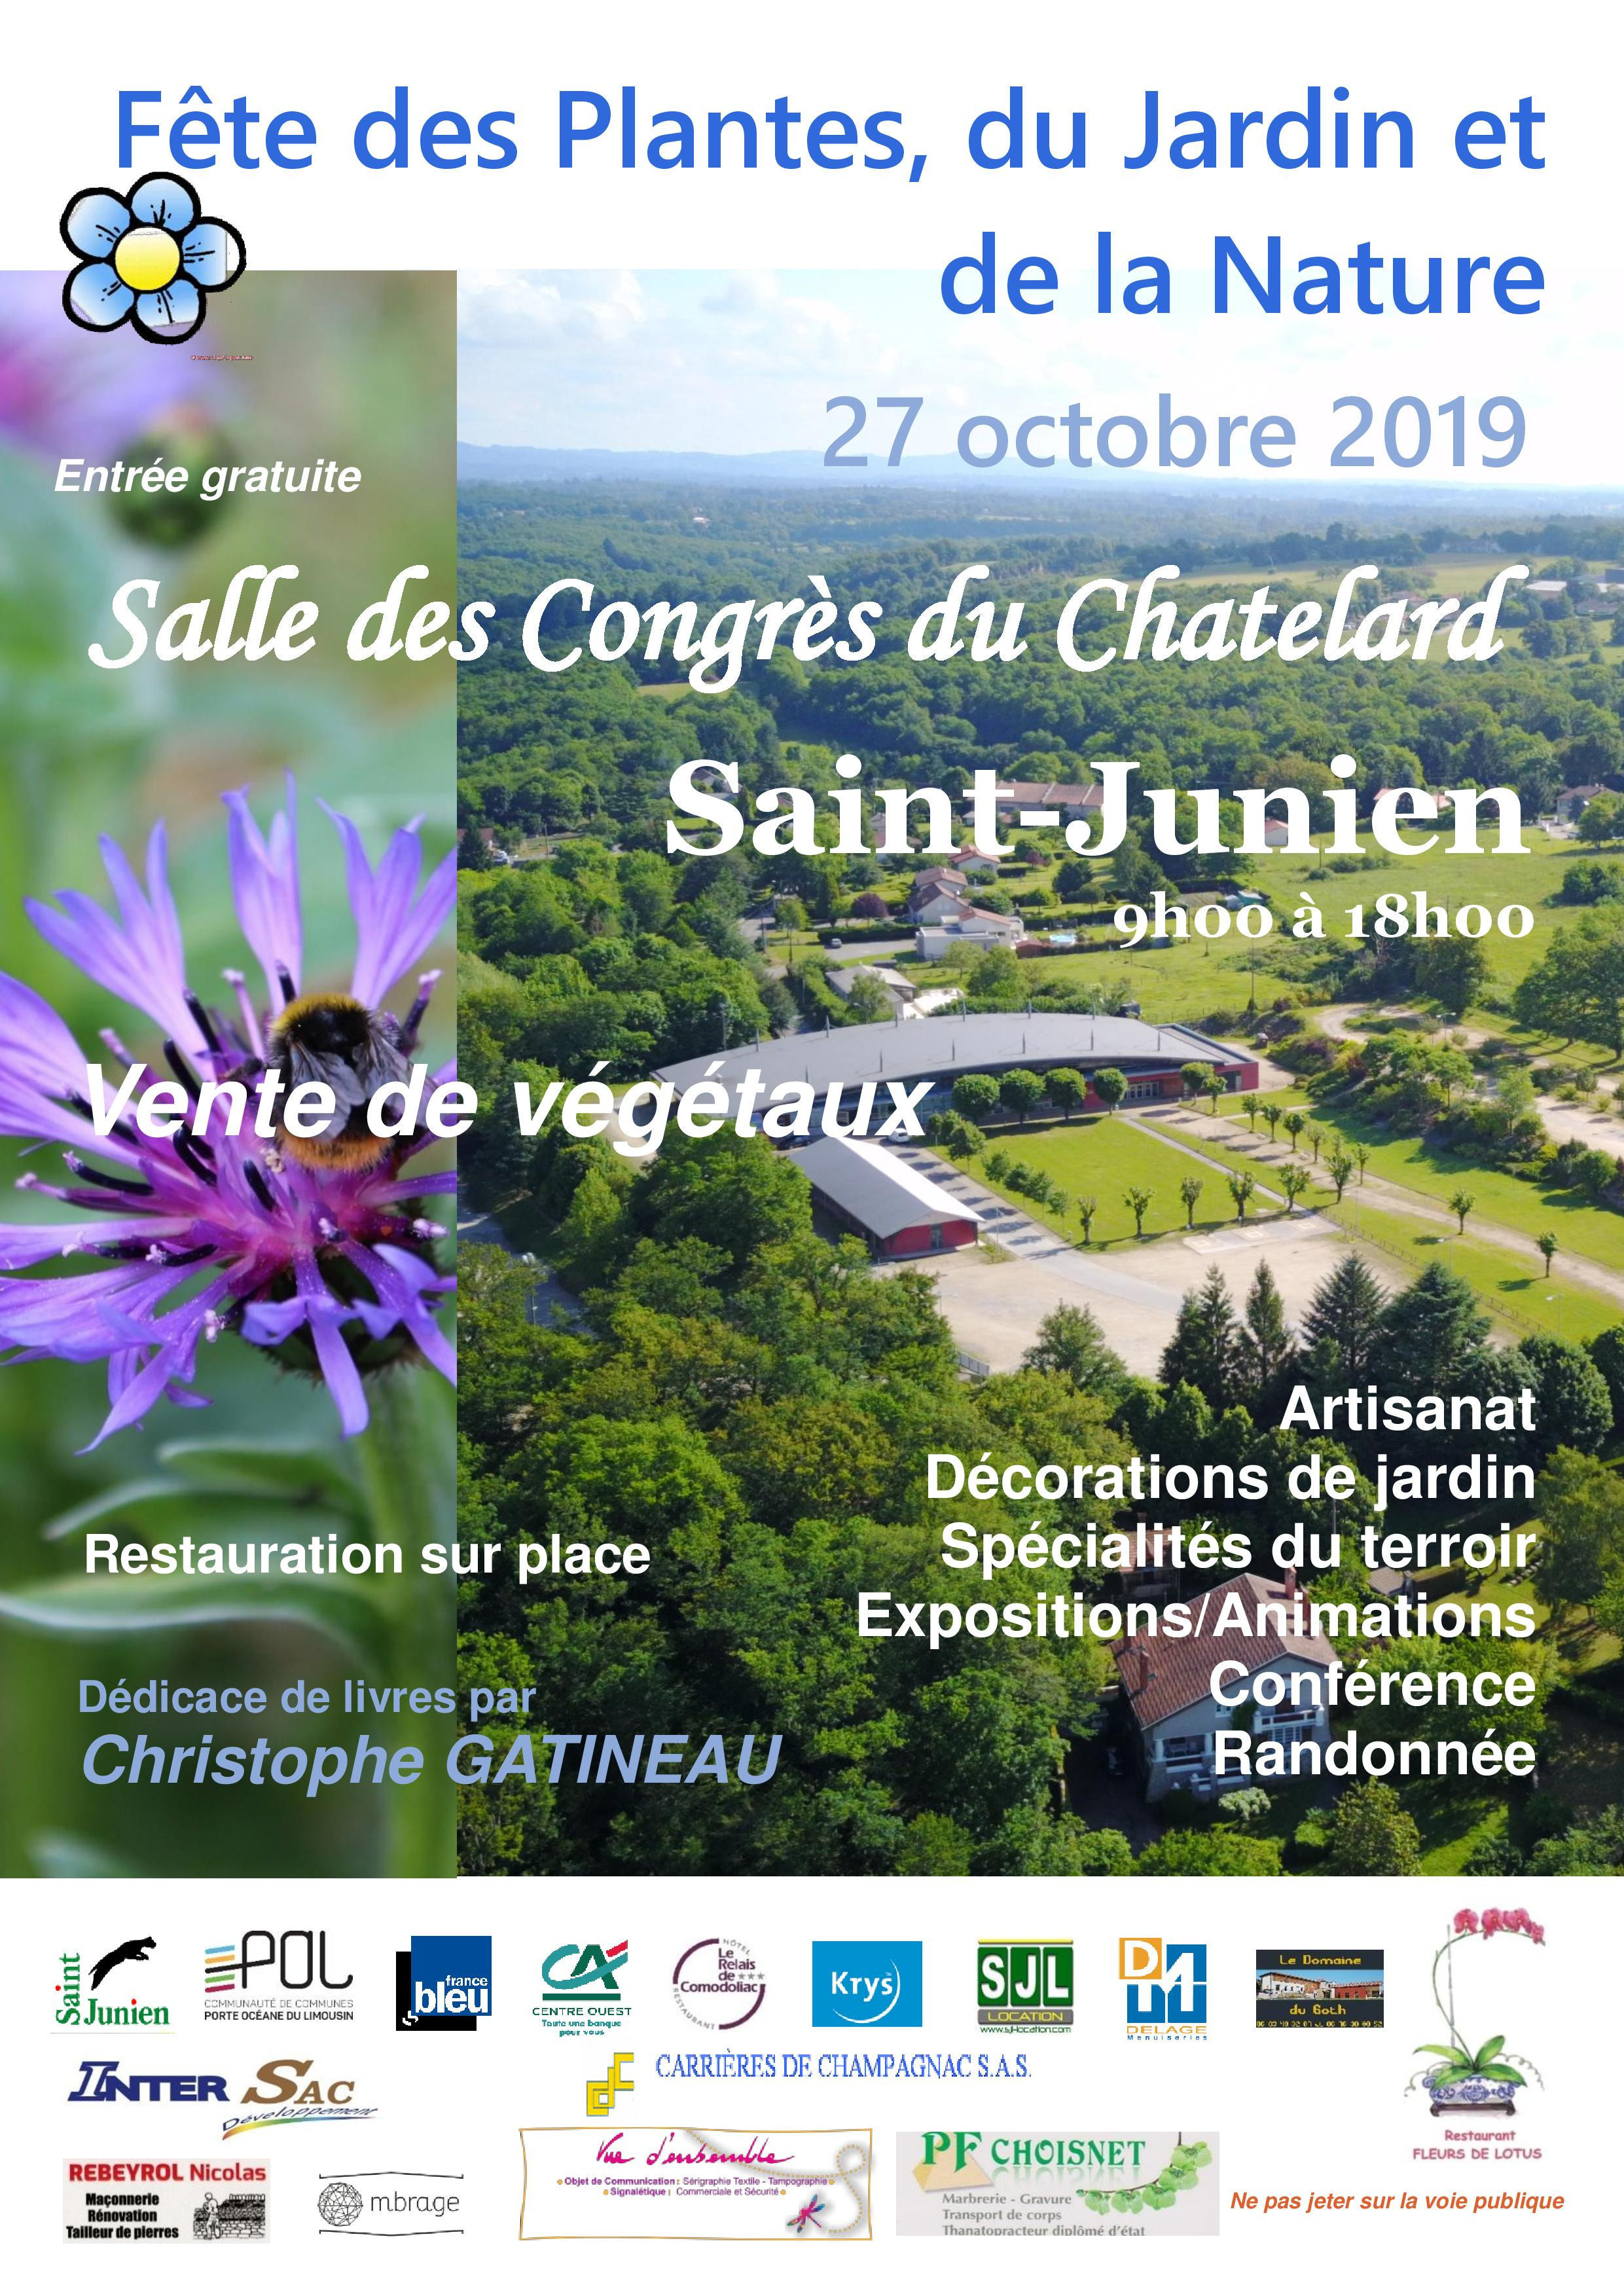 Affiche A4 RECTO Fete des plantes du jardin et de la Nature 2019